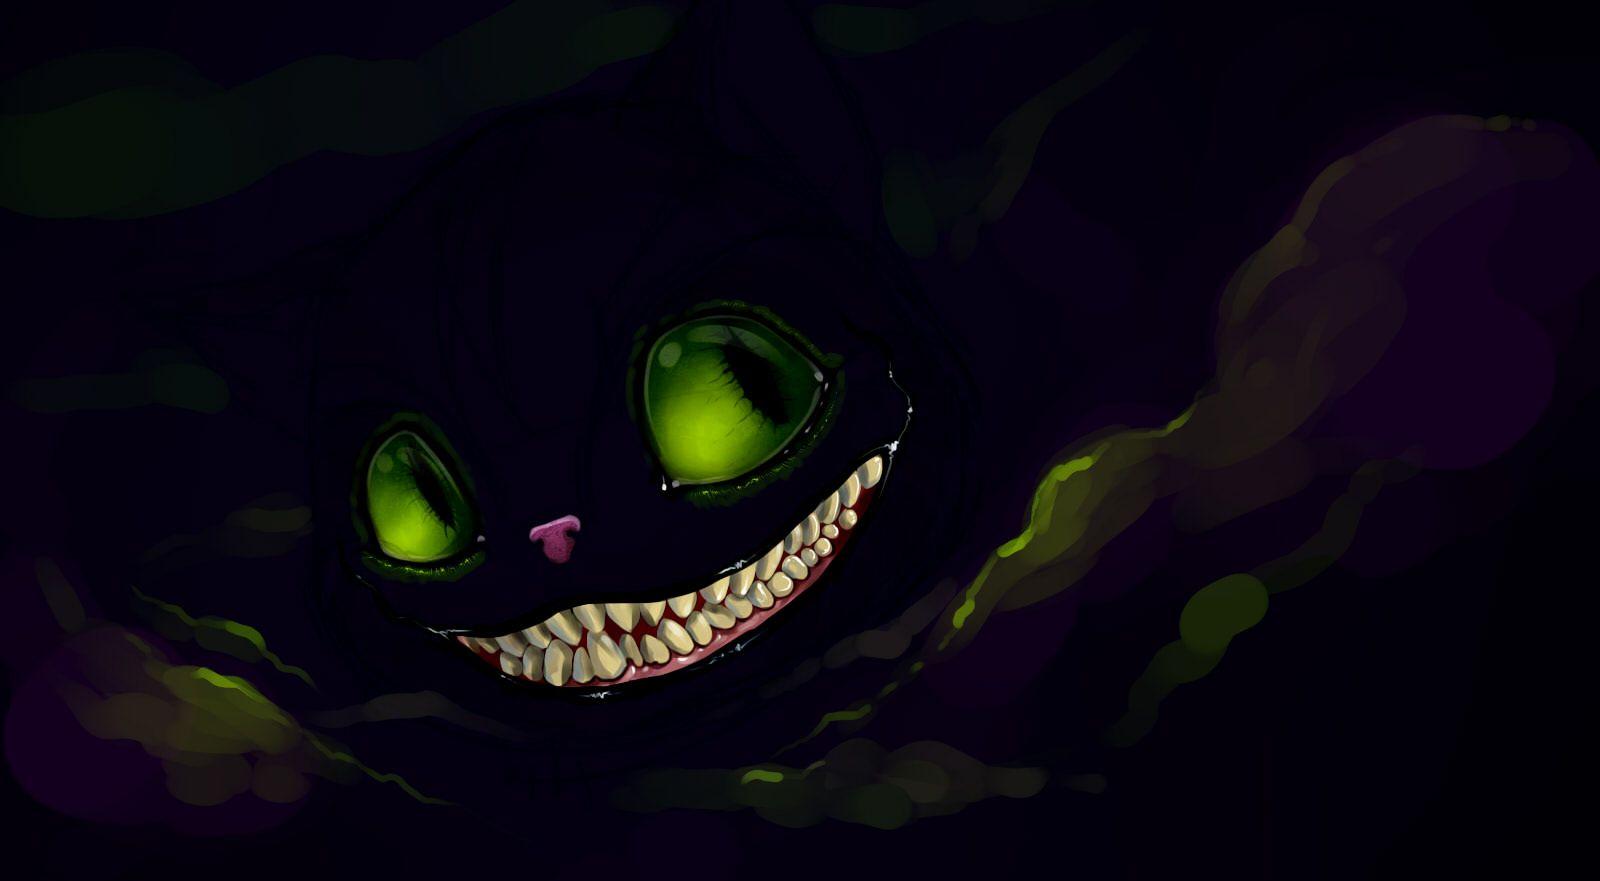 Fantasy Alice In Wonderland Wallpaper In 2020 Cheshire Cat Cheshire Cat Wallpaper Cheshire Cat Smile